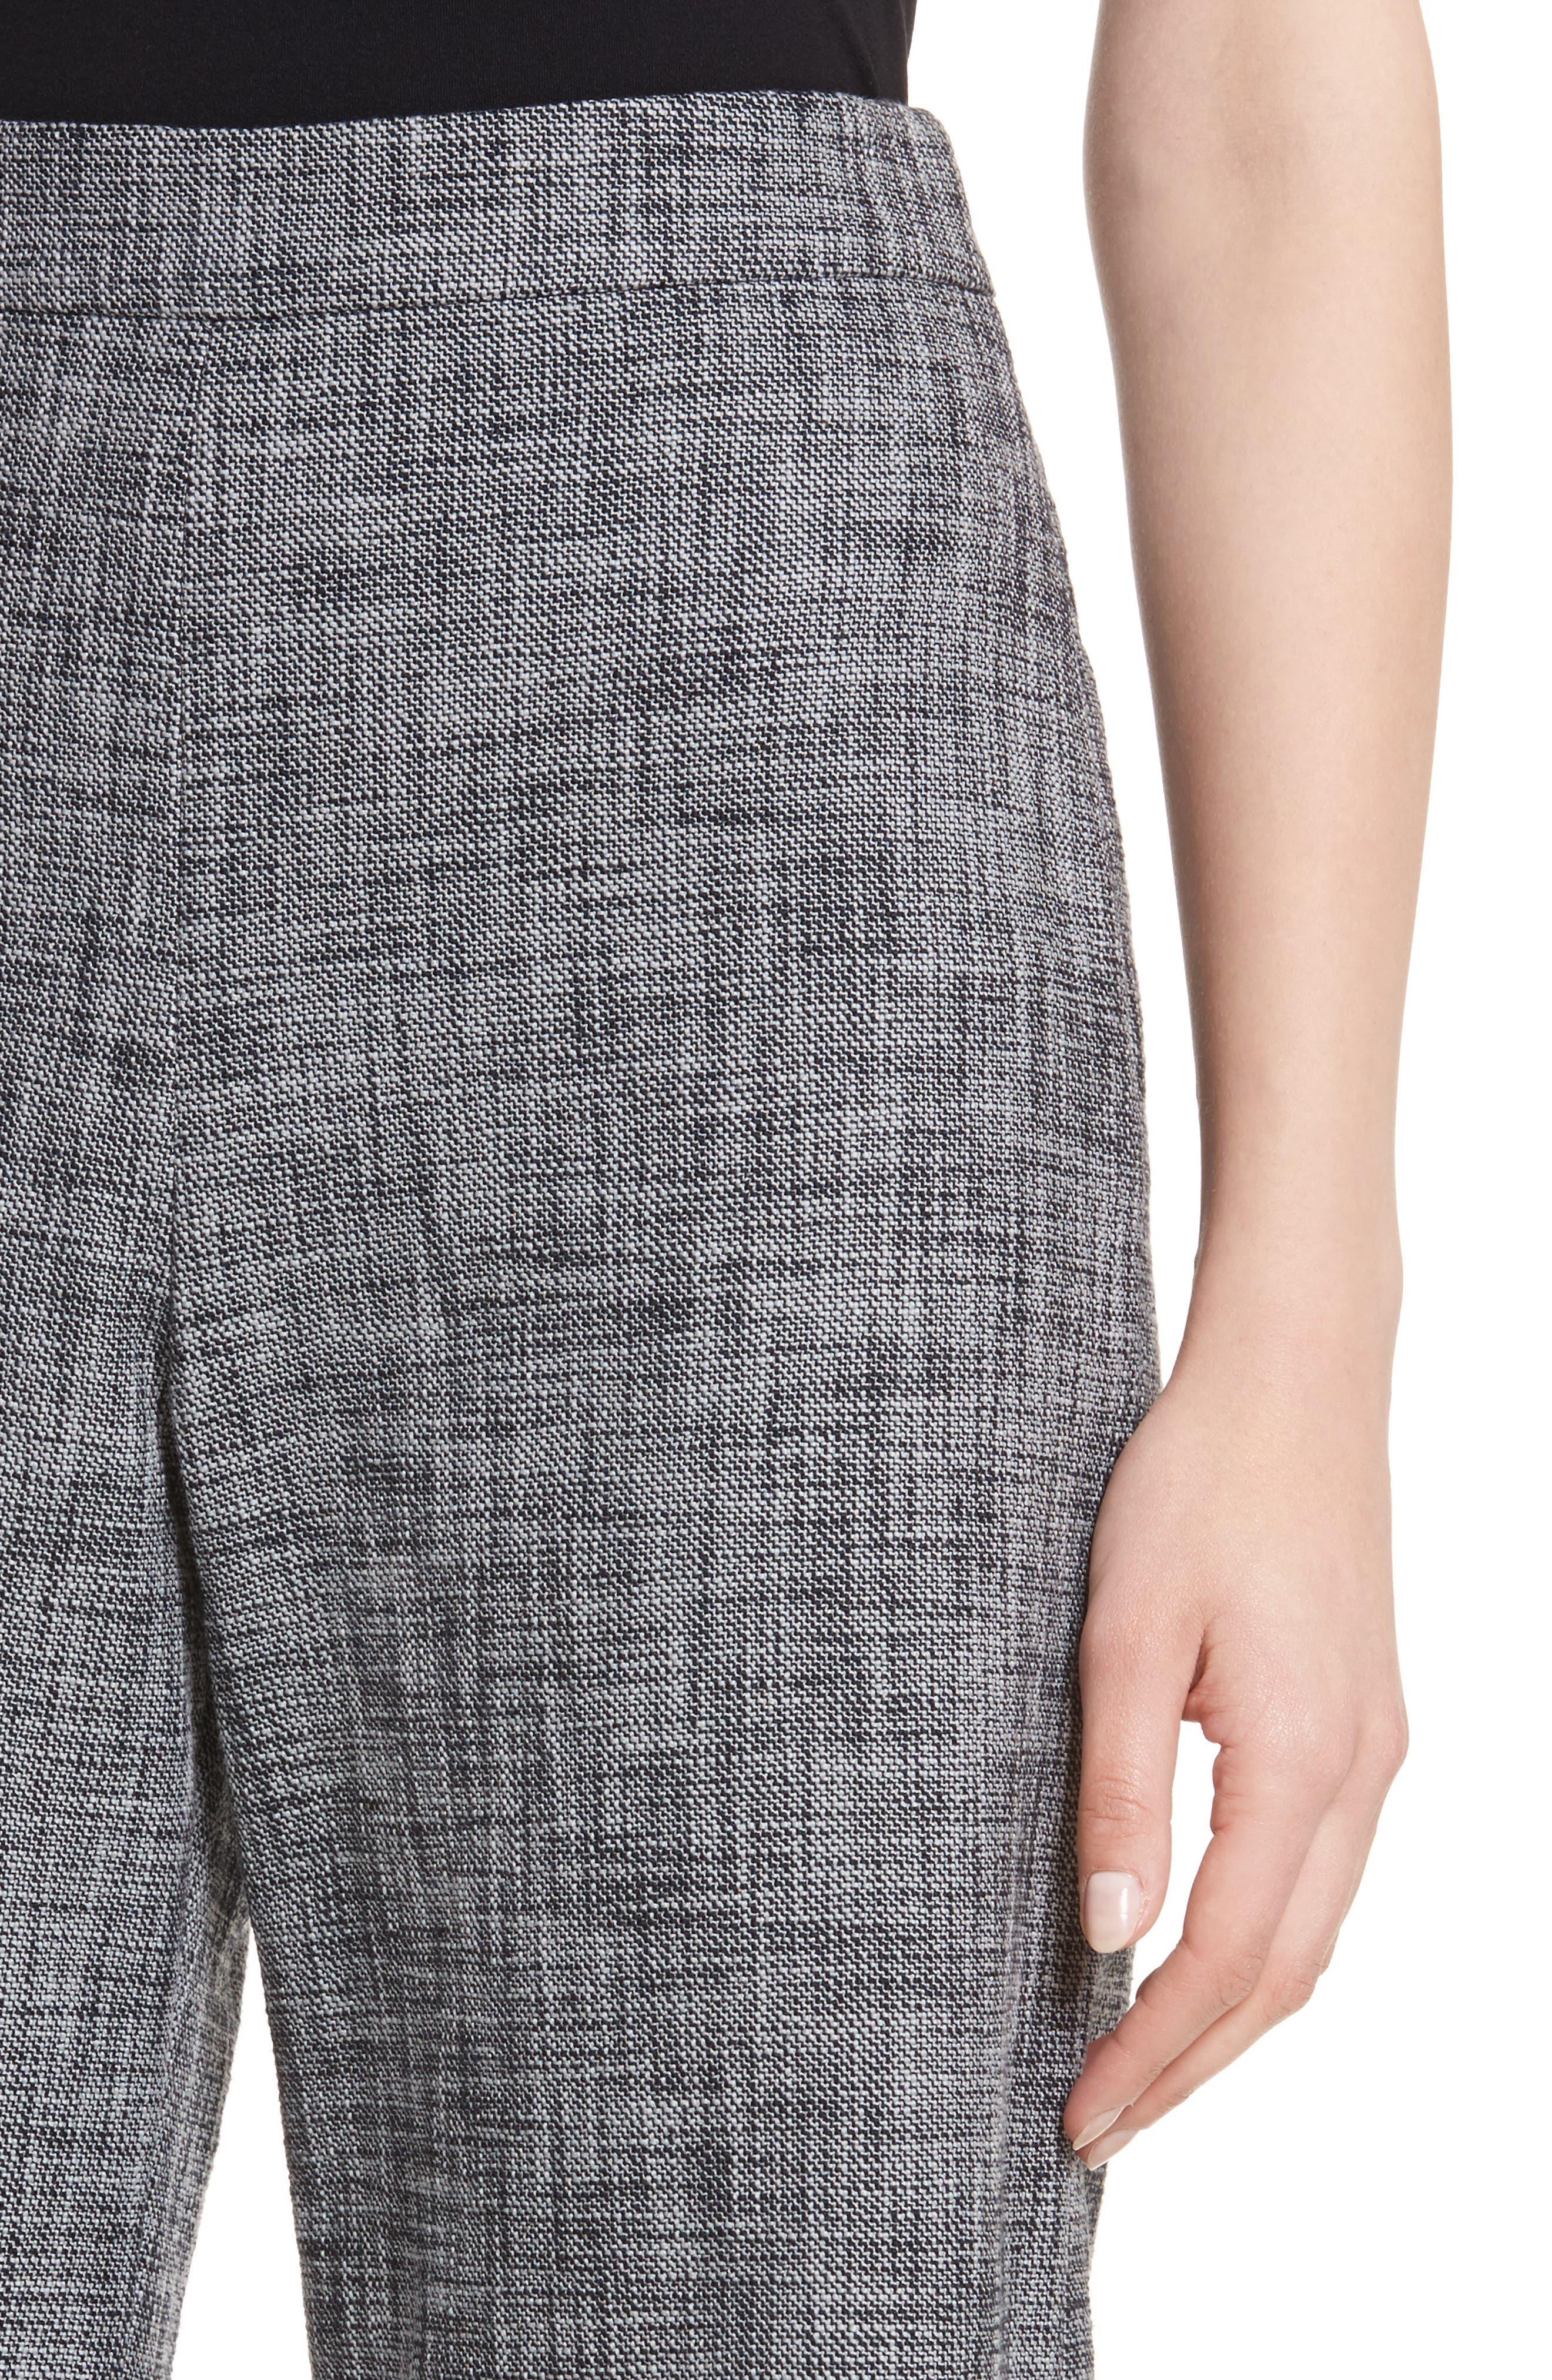 Slub Crop Suit Pants,                             Alternate thumbnail 4, color,                             Grey/ Black Combo